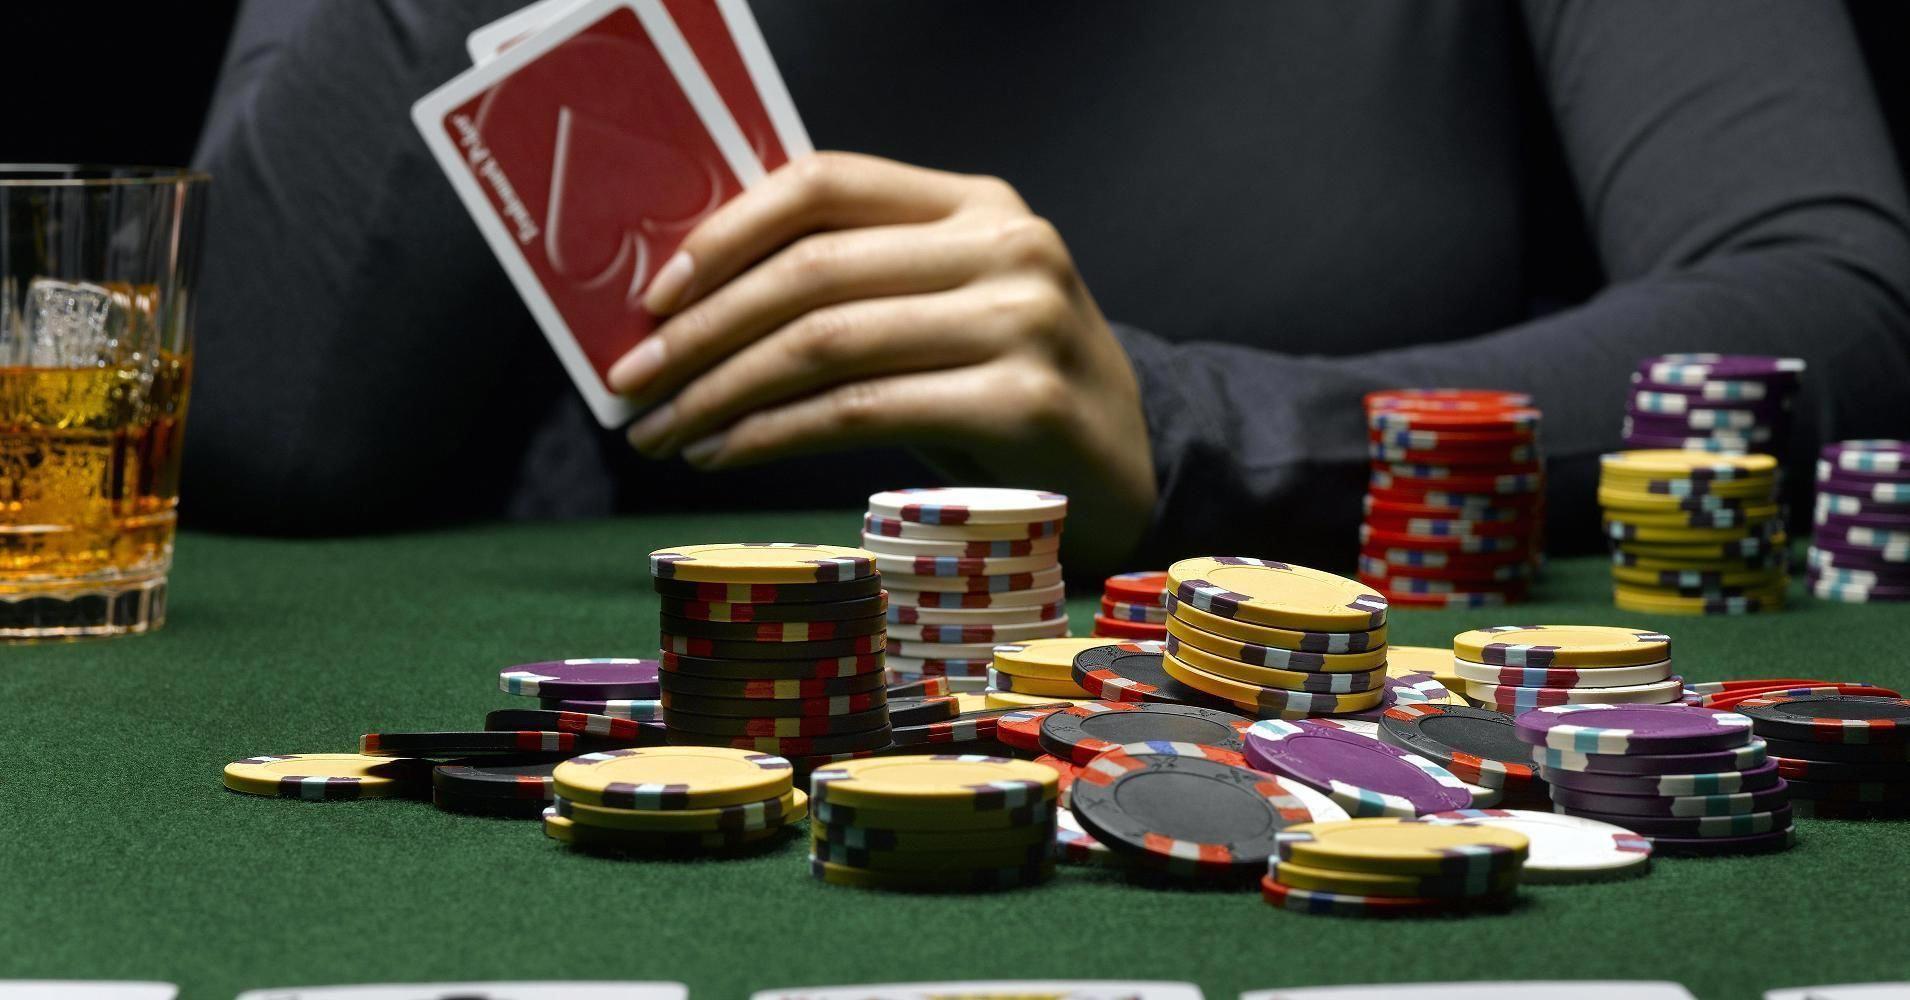 Dan Salah Satu Situs Online Yang Menghadirkan Permainan Poker Online Yang Menggunakan Uang Asli Adalah Qqpokeronline Com B Poker Gambling Problem Online Casino